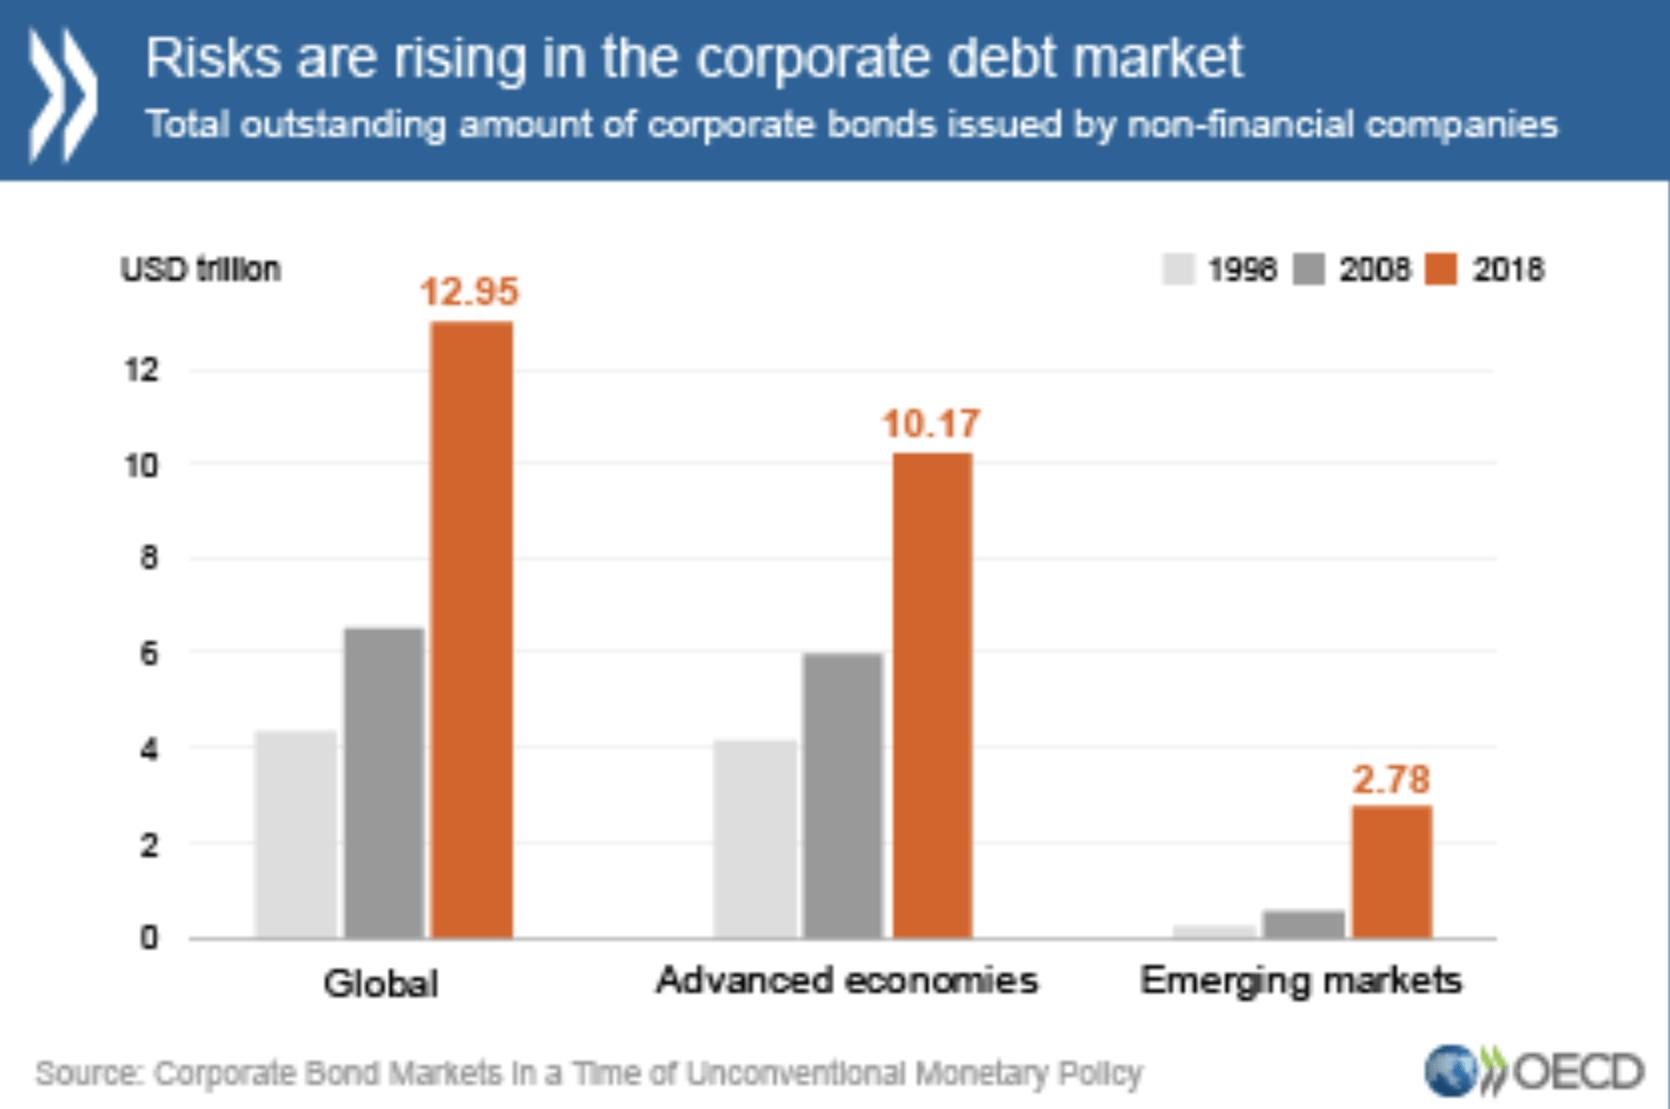 OECD Grafik mit Risiken am Markt für Unternehmenskredite